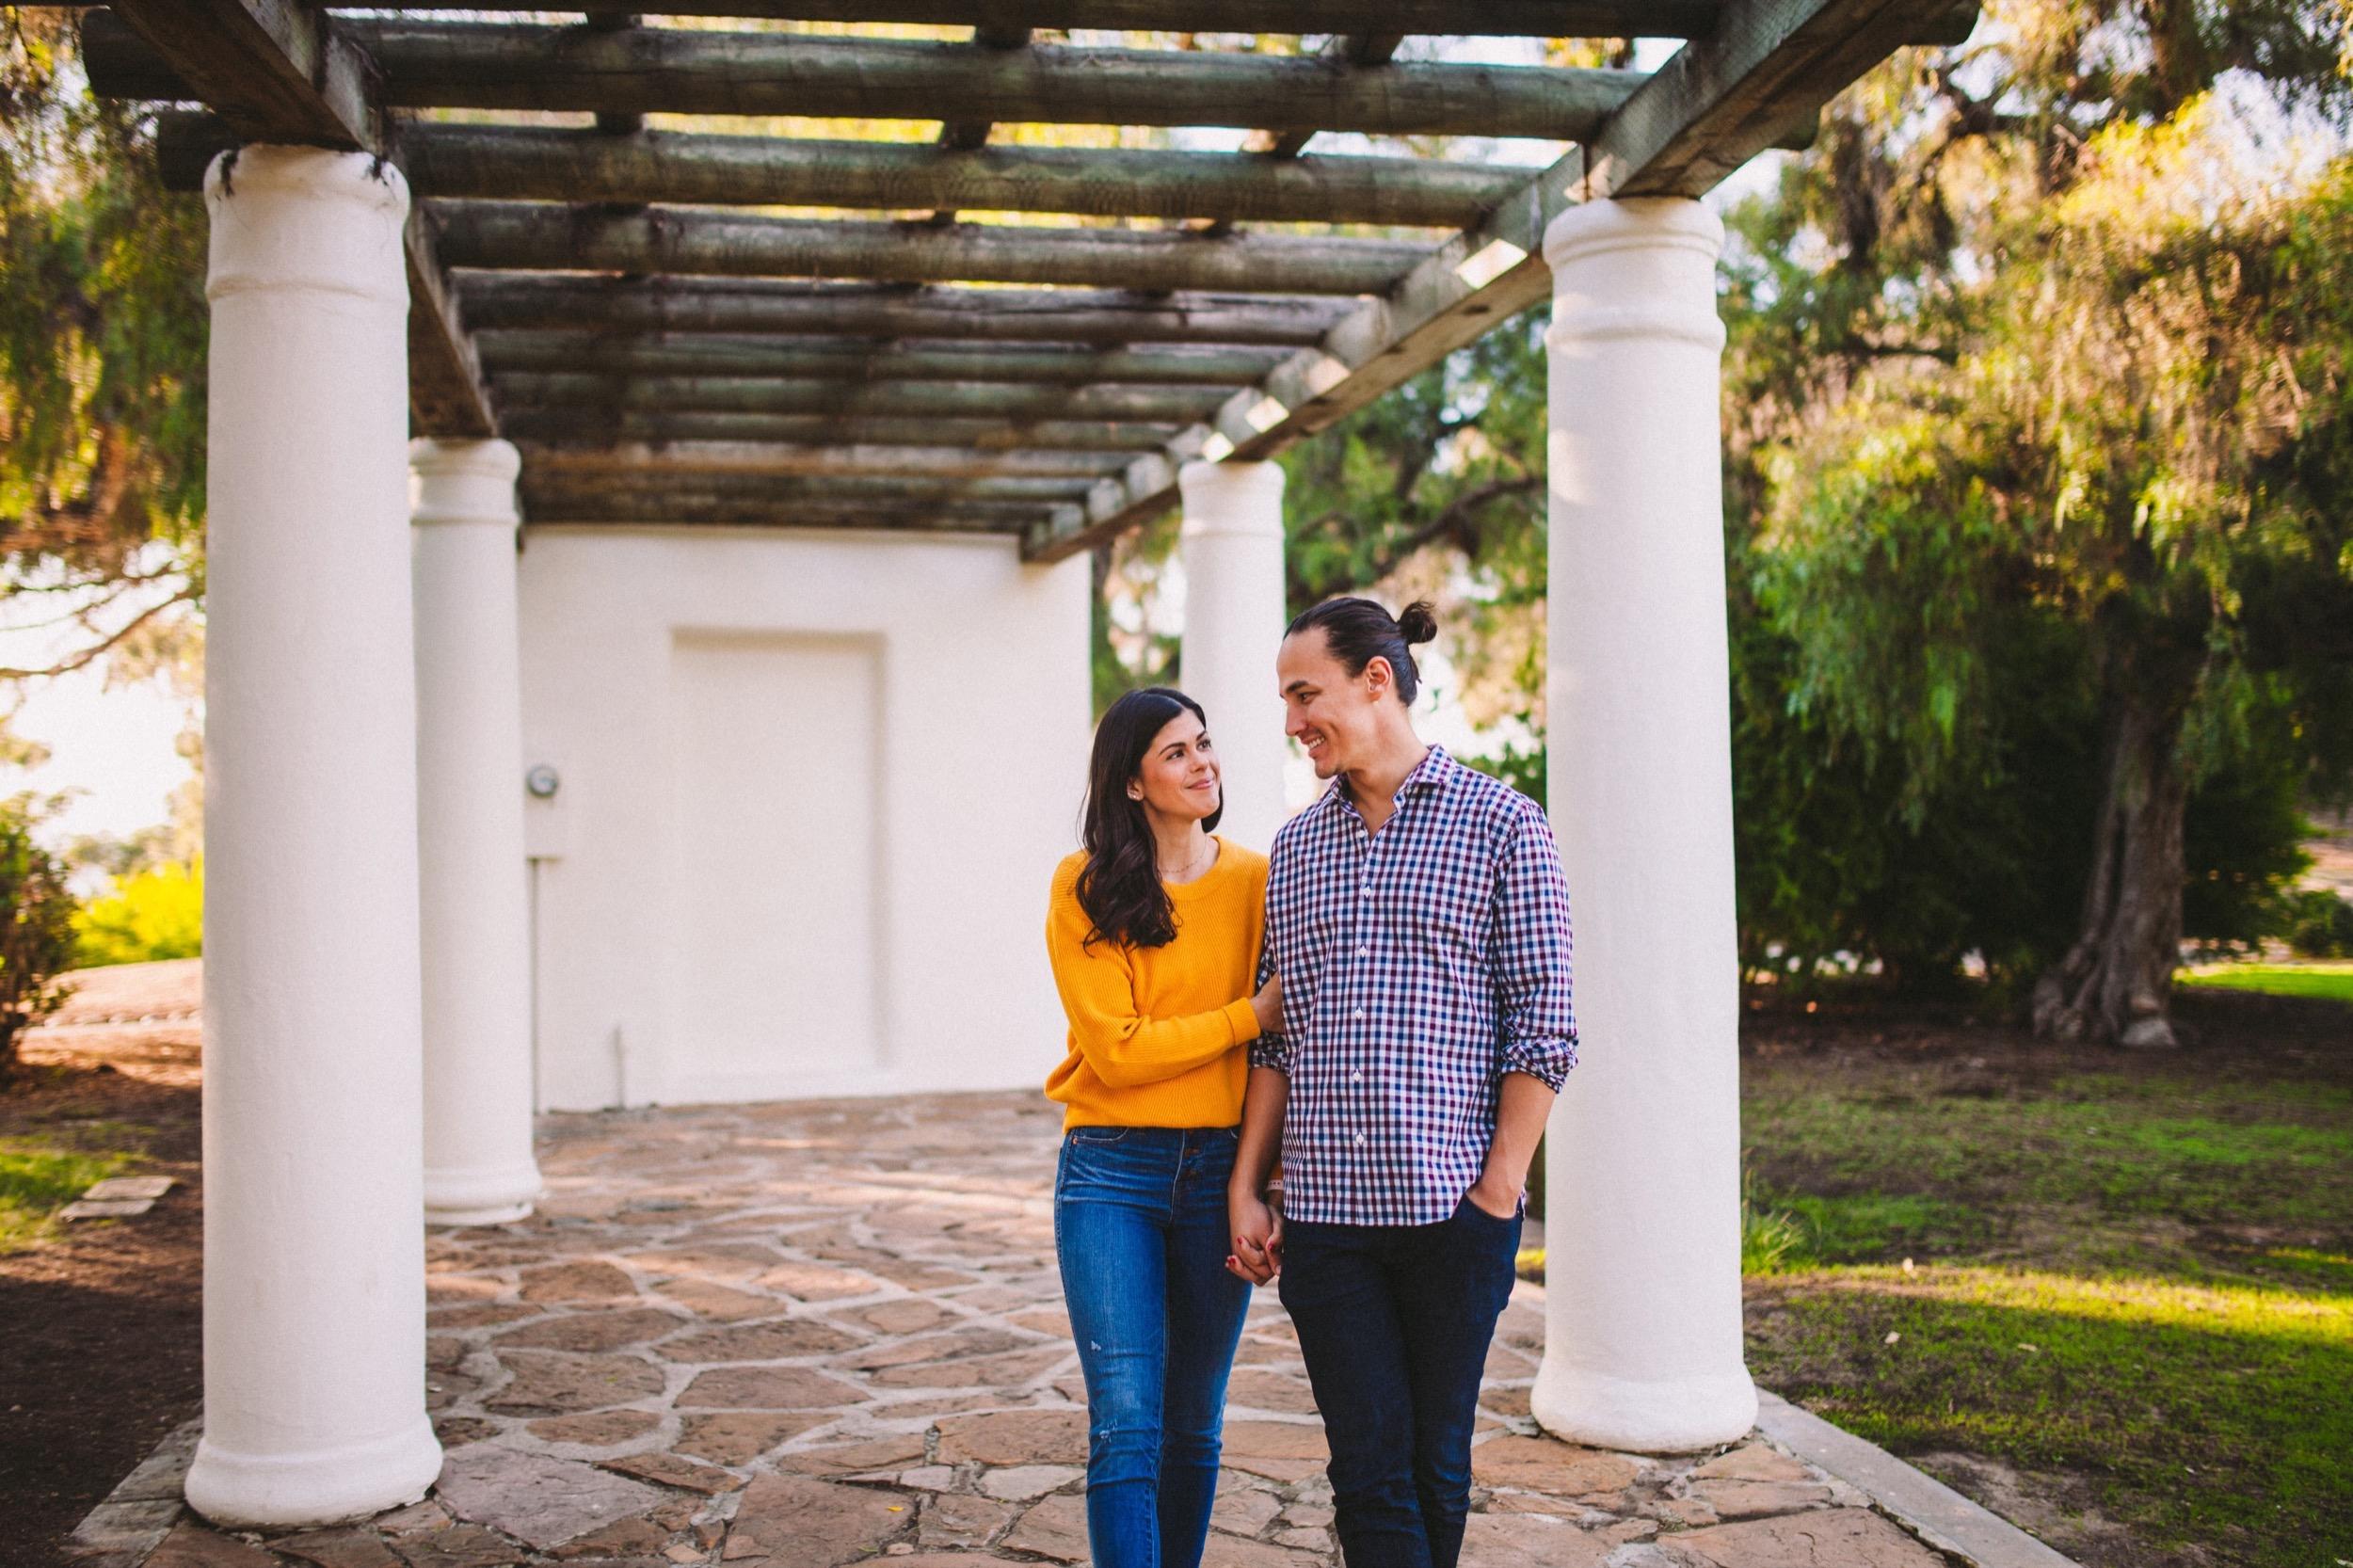 San Diego Photographer Presidio Park Couples Photography-9.jpg